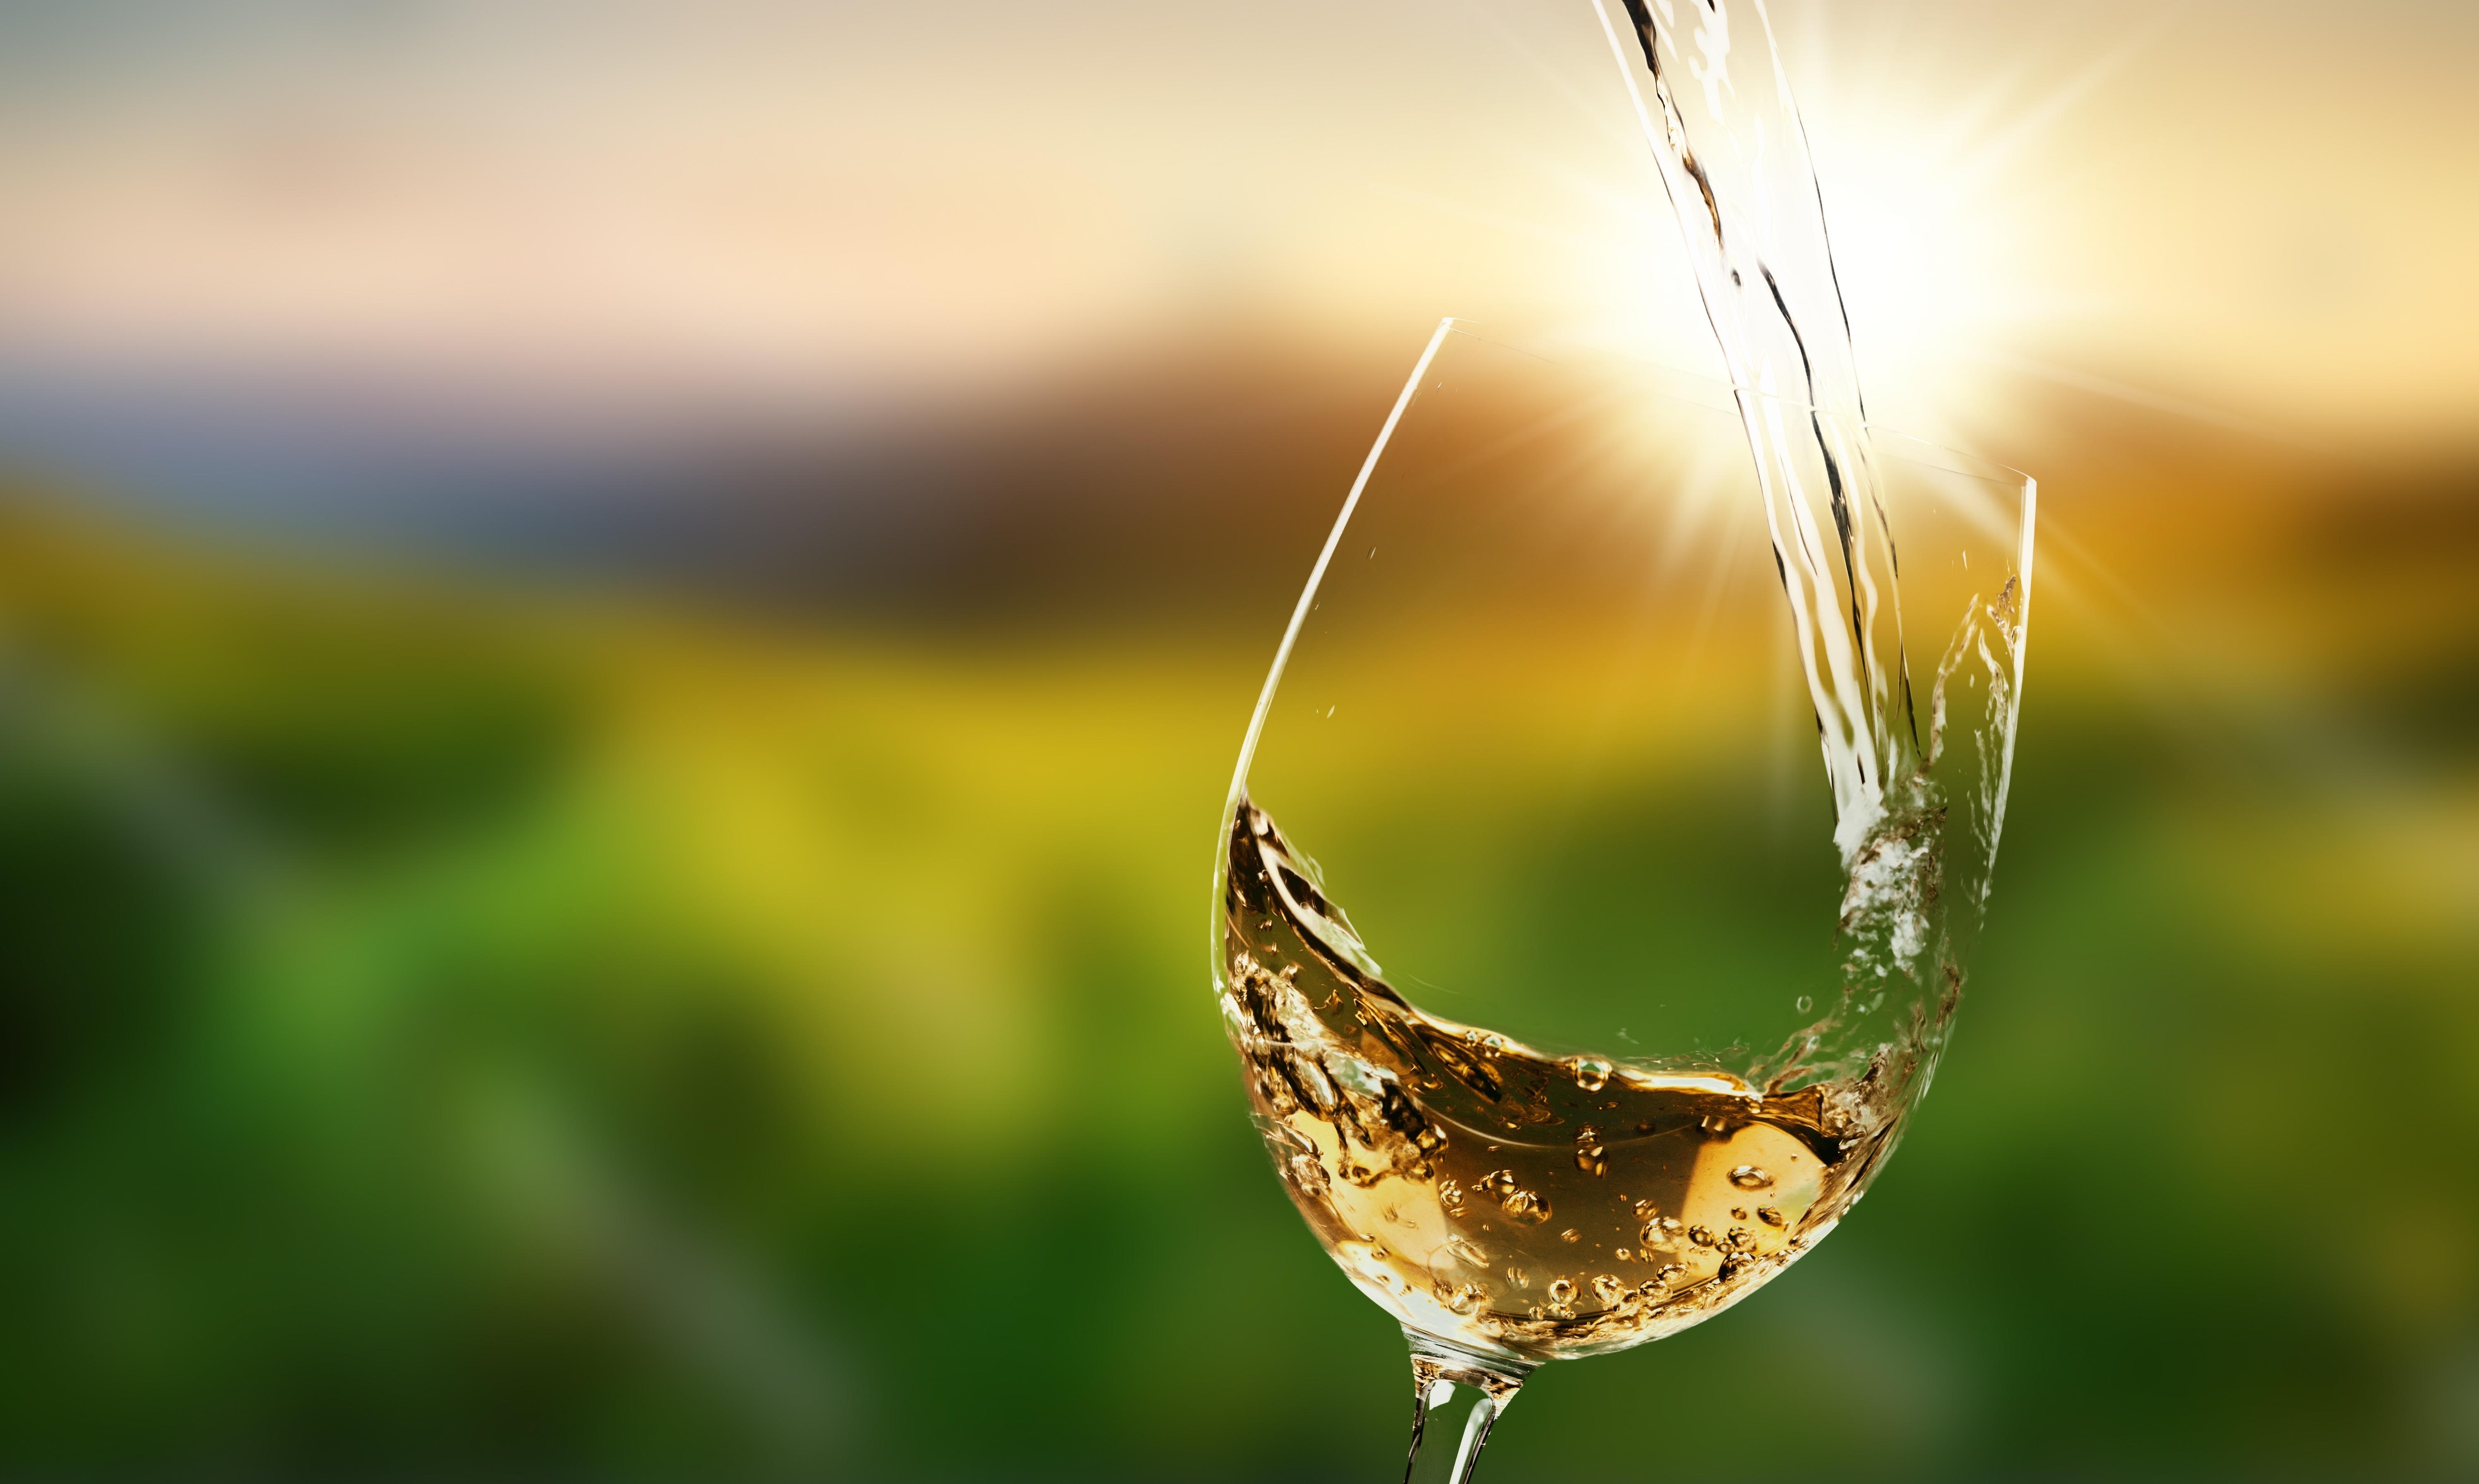 グラスに白ワインが注がれている様子